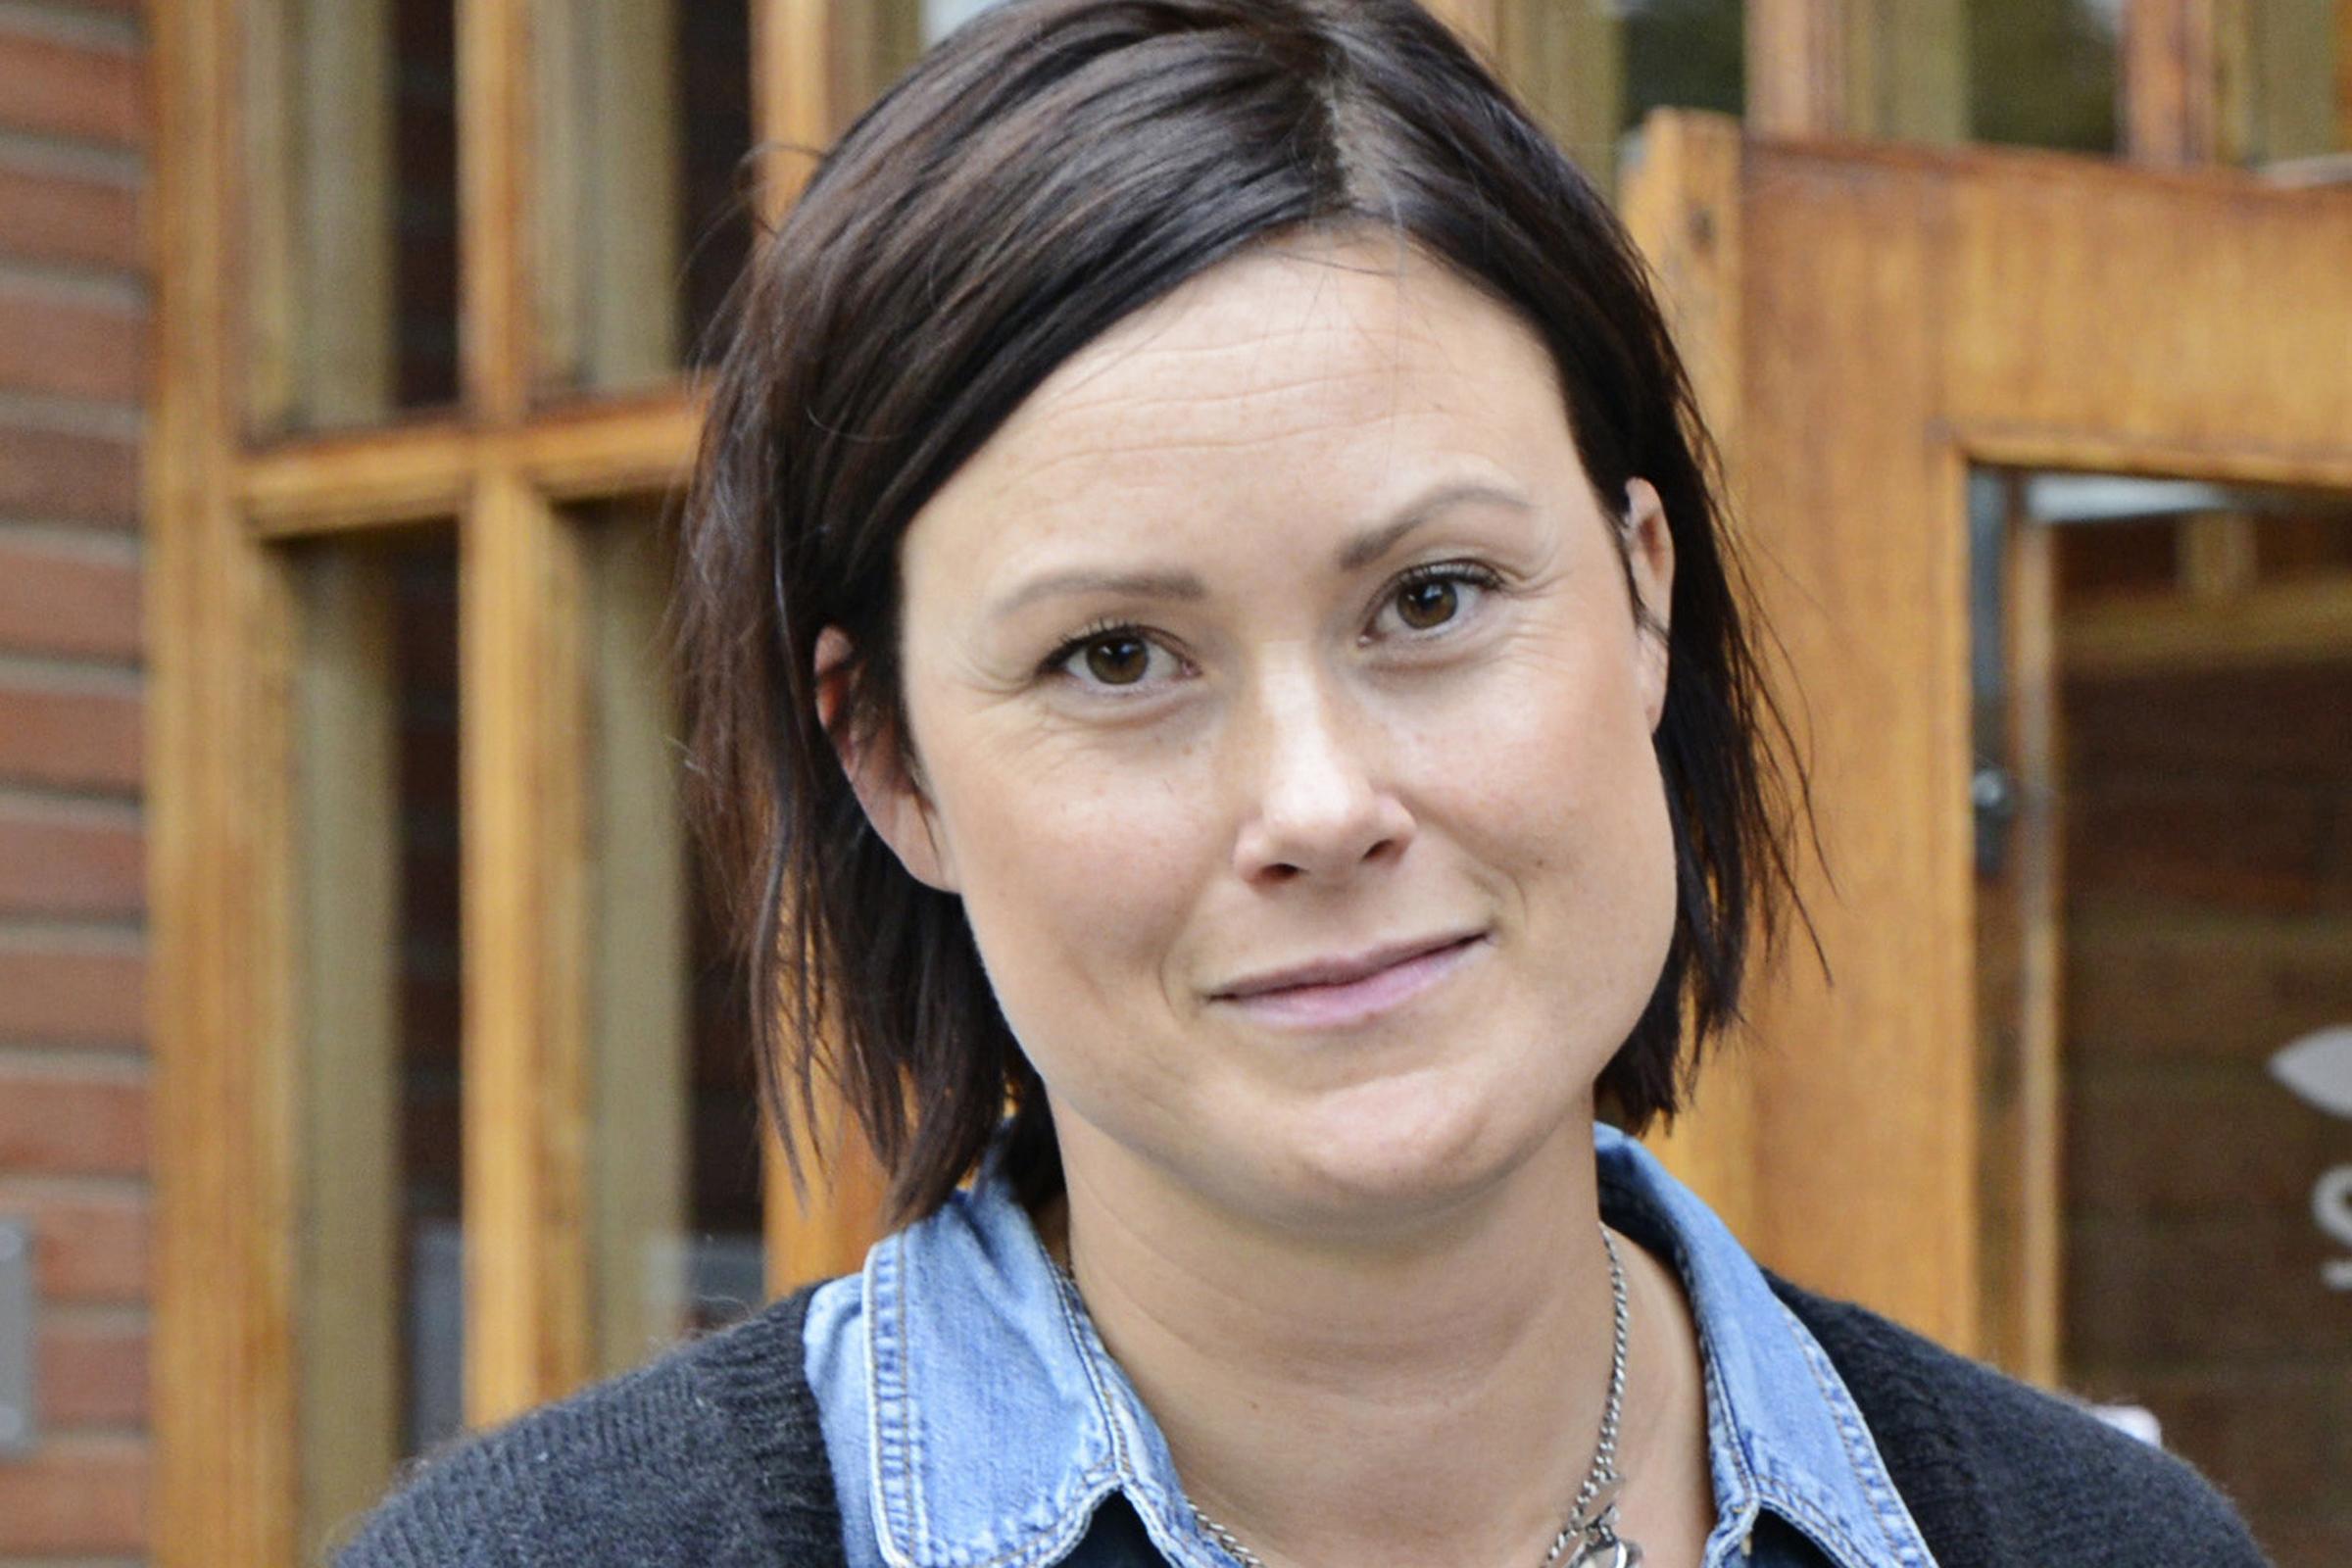 Karolina Lagerlund